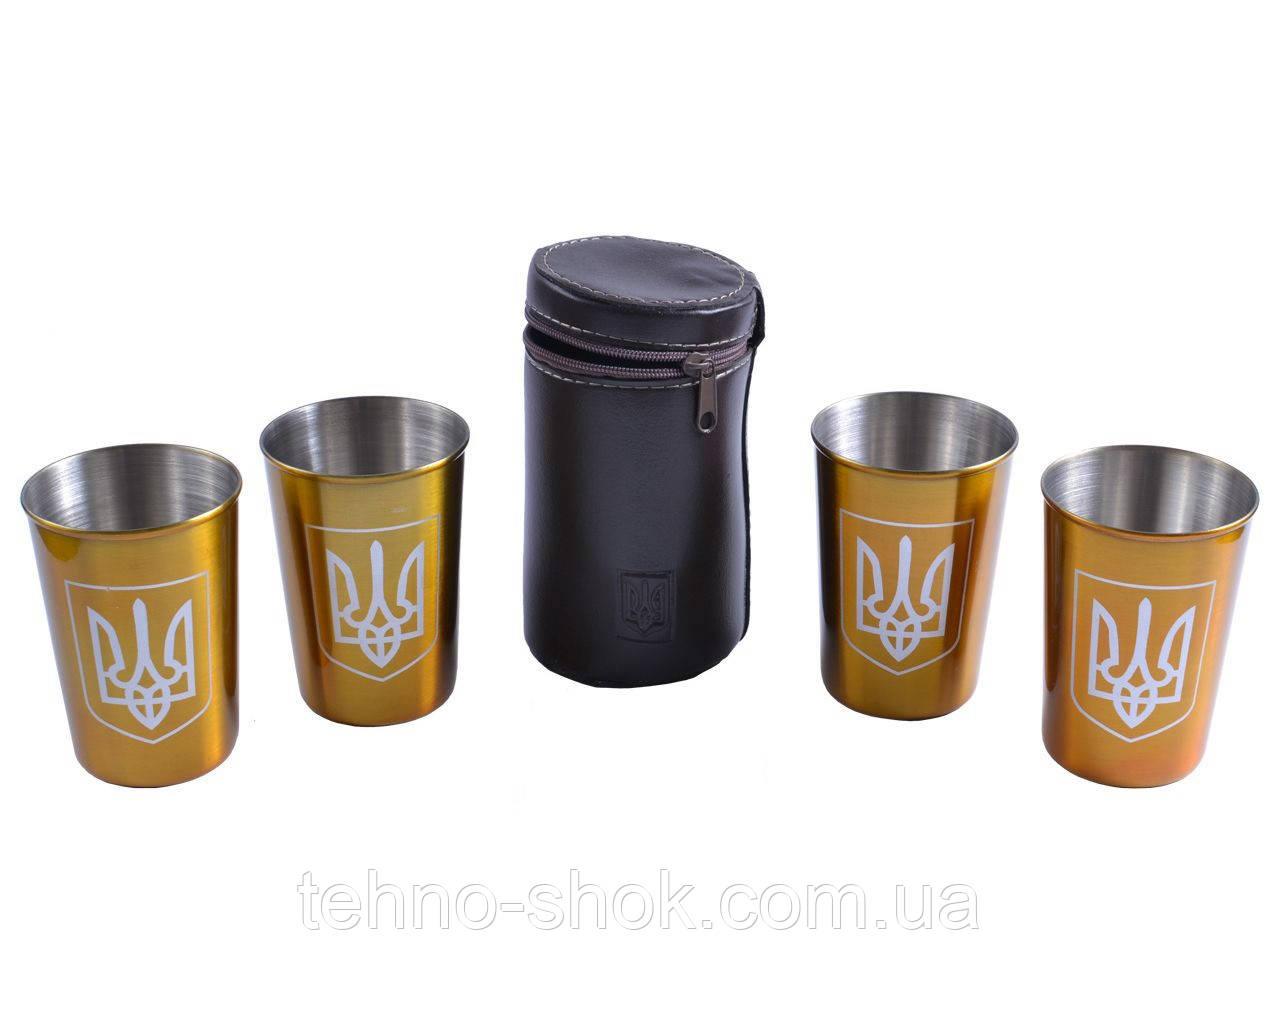 """Походные рюмки из нержавеющей стали в чехле """"Украина"""" (Золото, 4 шт,150мл)"""